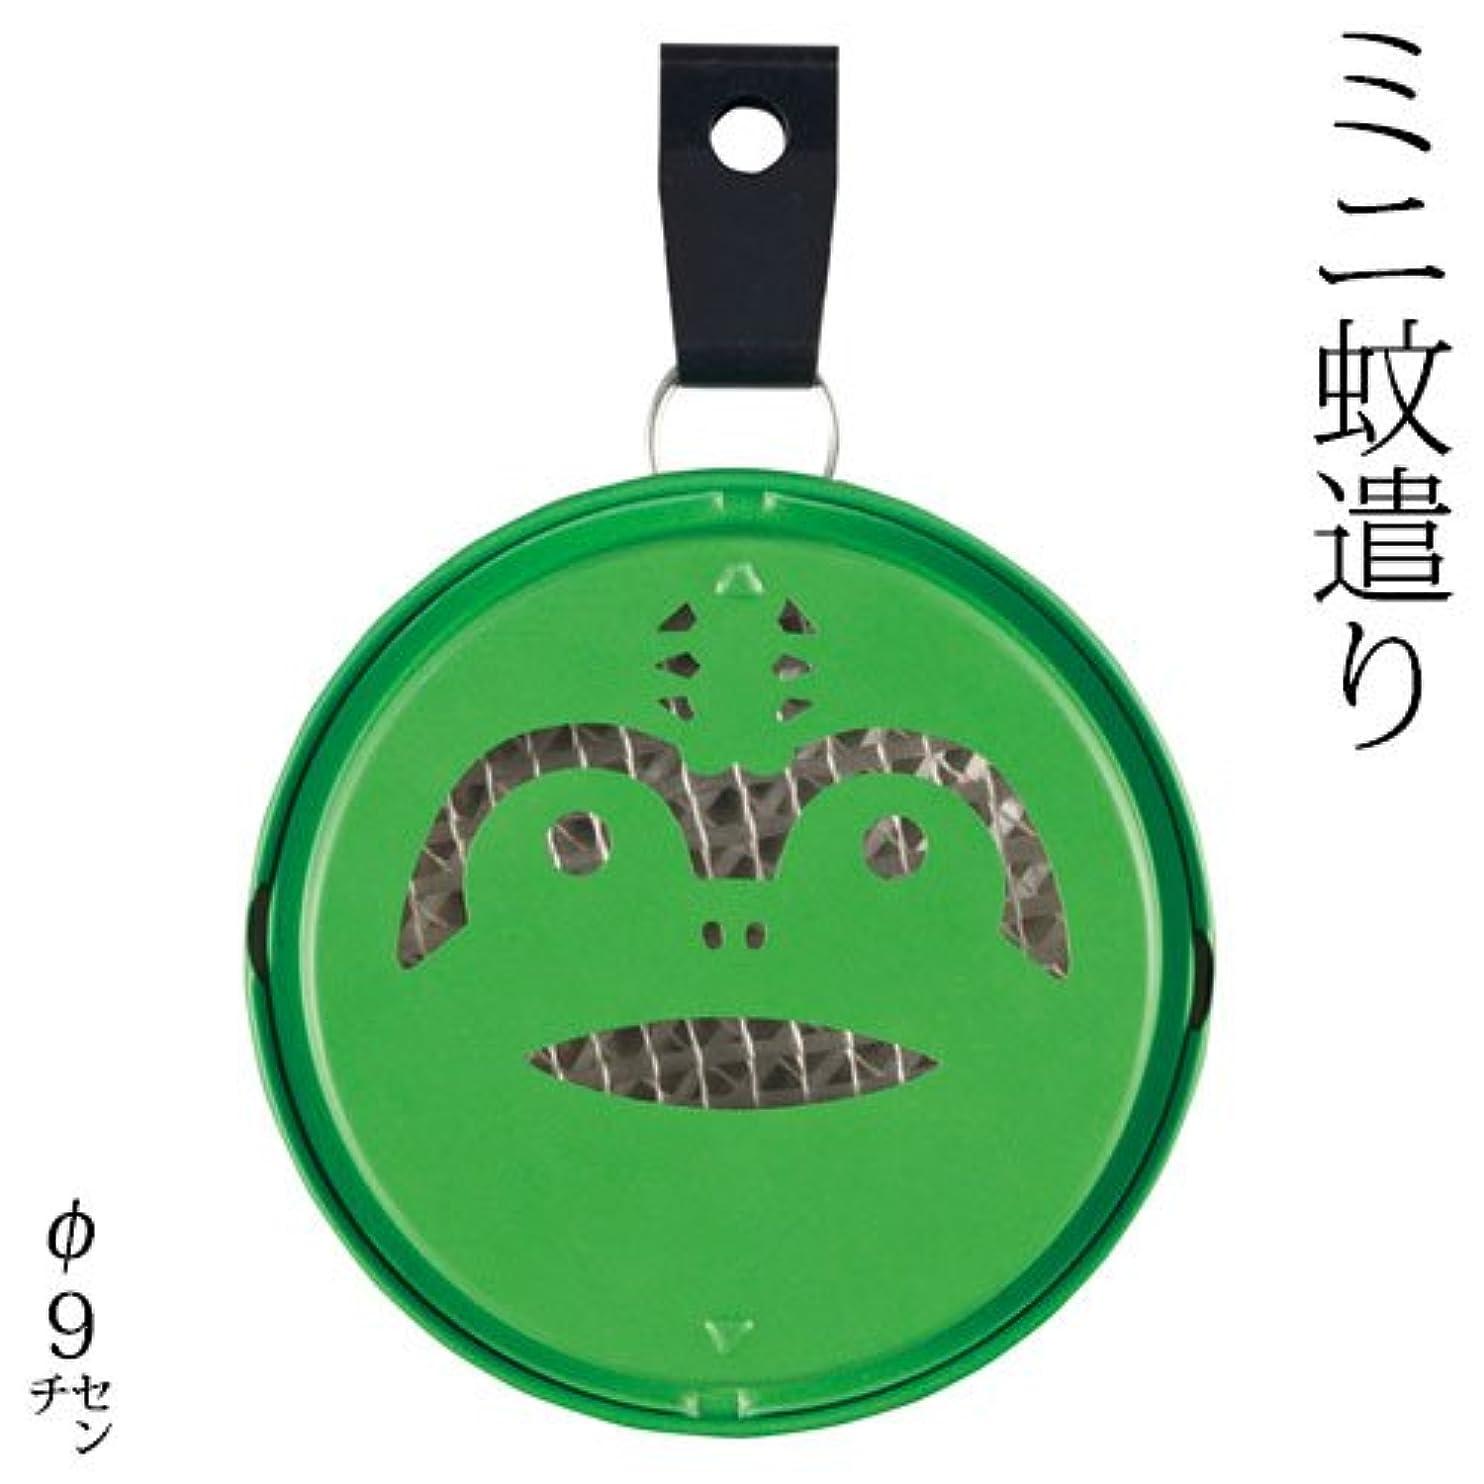 所有者全能お別れDECOLEポータブルミニ蚊遣りカエル (SK-13932)吊り下げ?床置き対応Portable mini Kayari